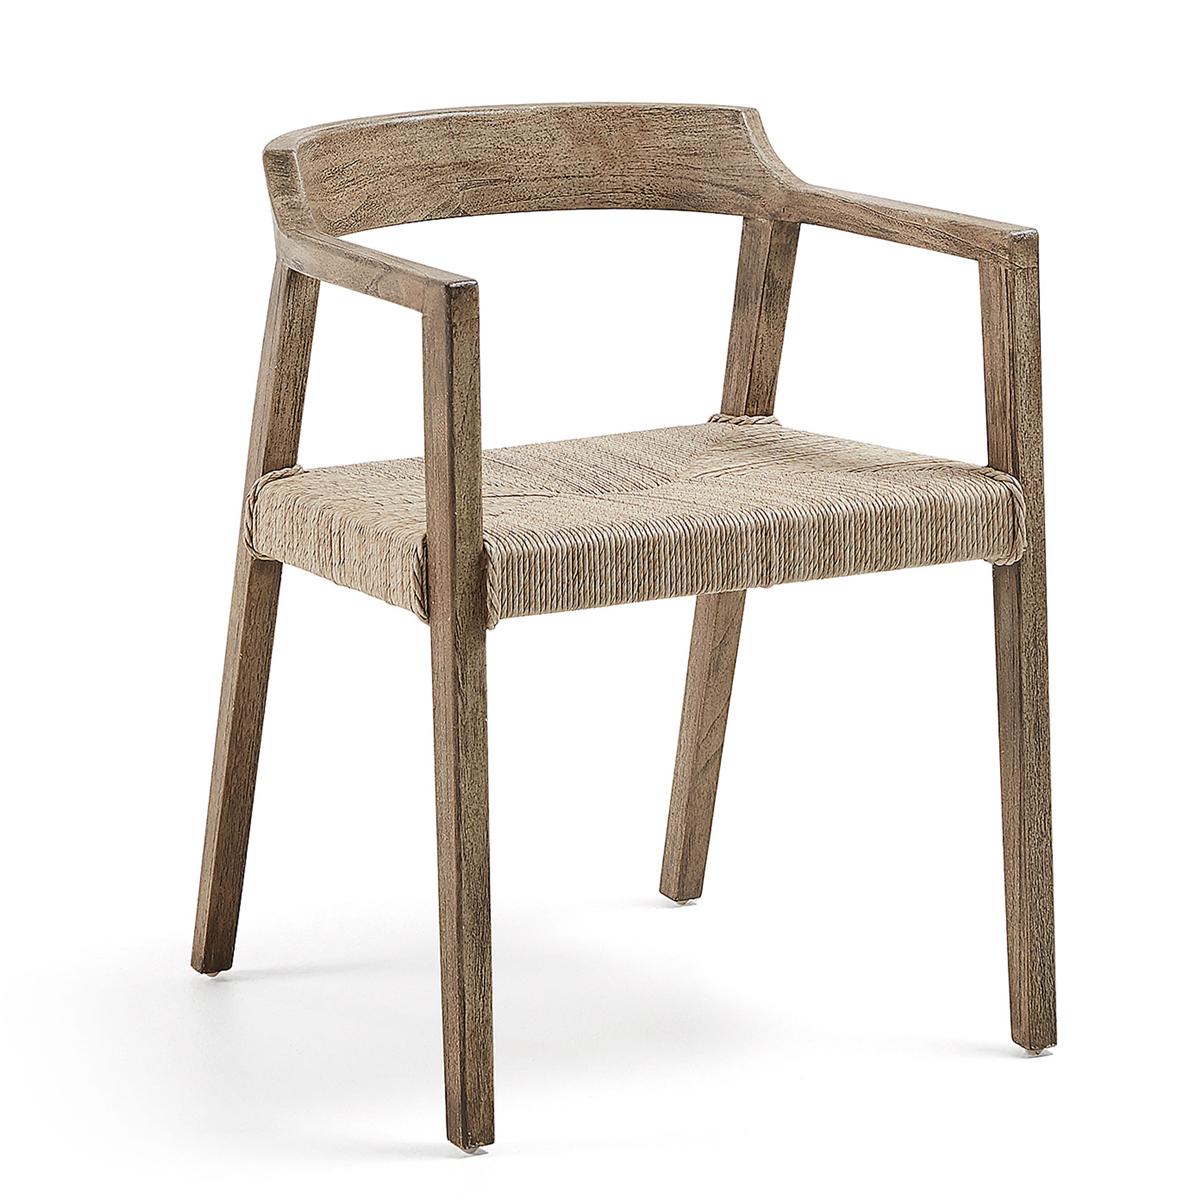 Chaise avec accoudoirs en teck et osier - TECK - H 76 x 53 cm